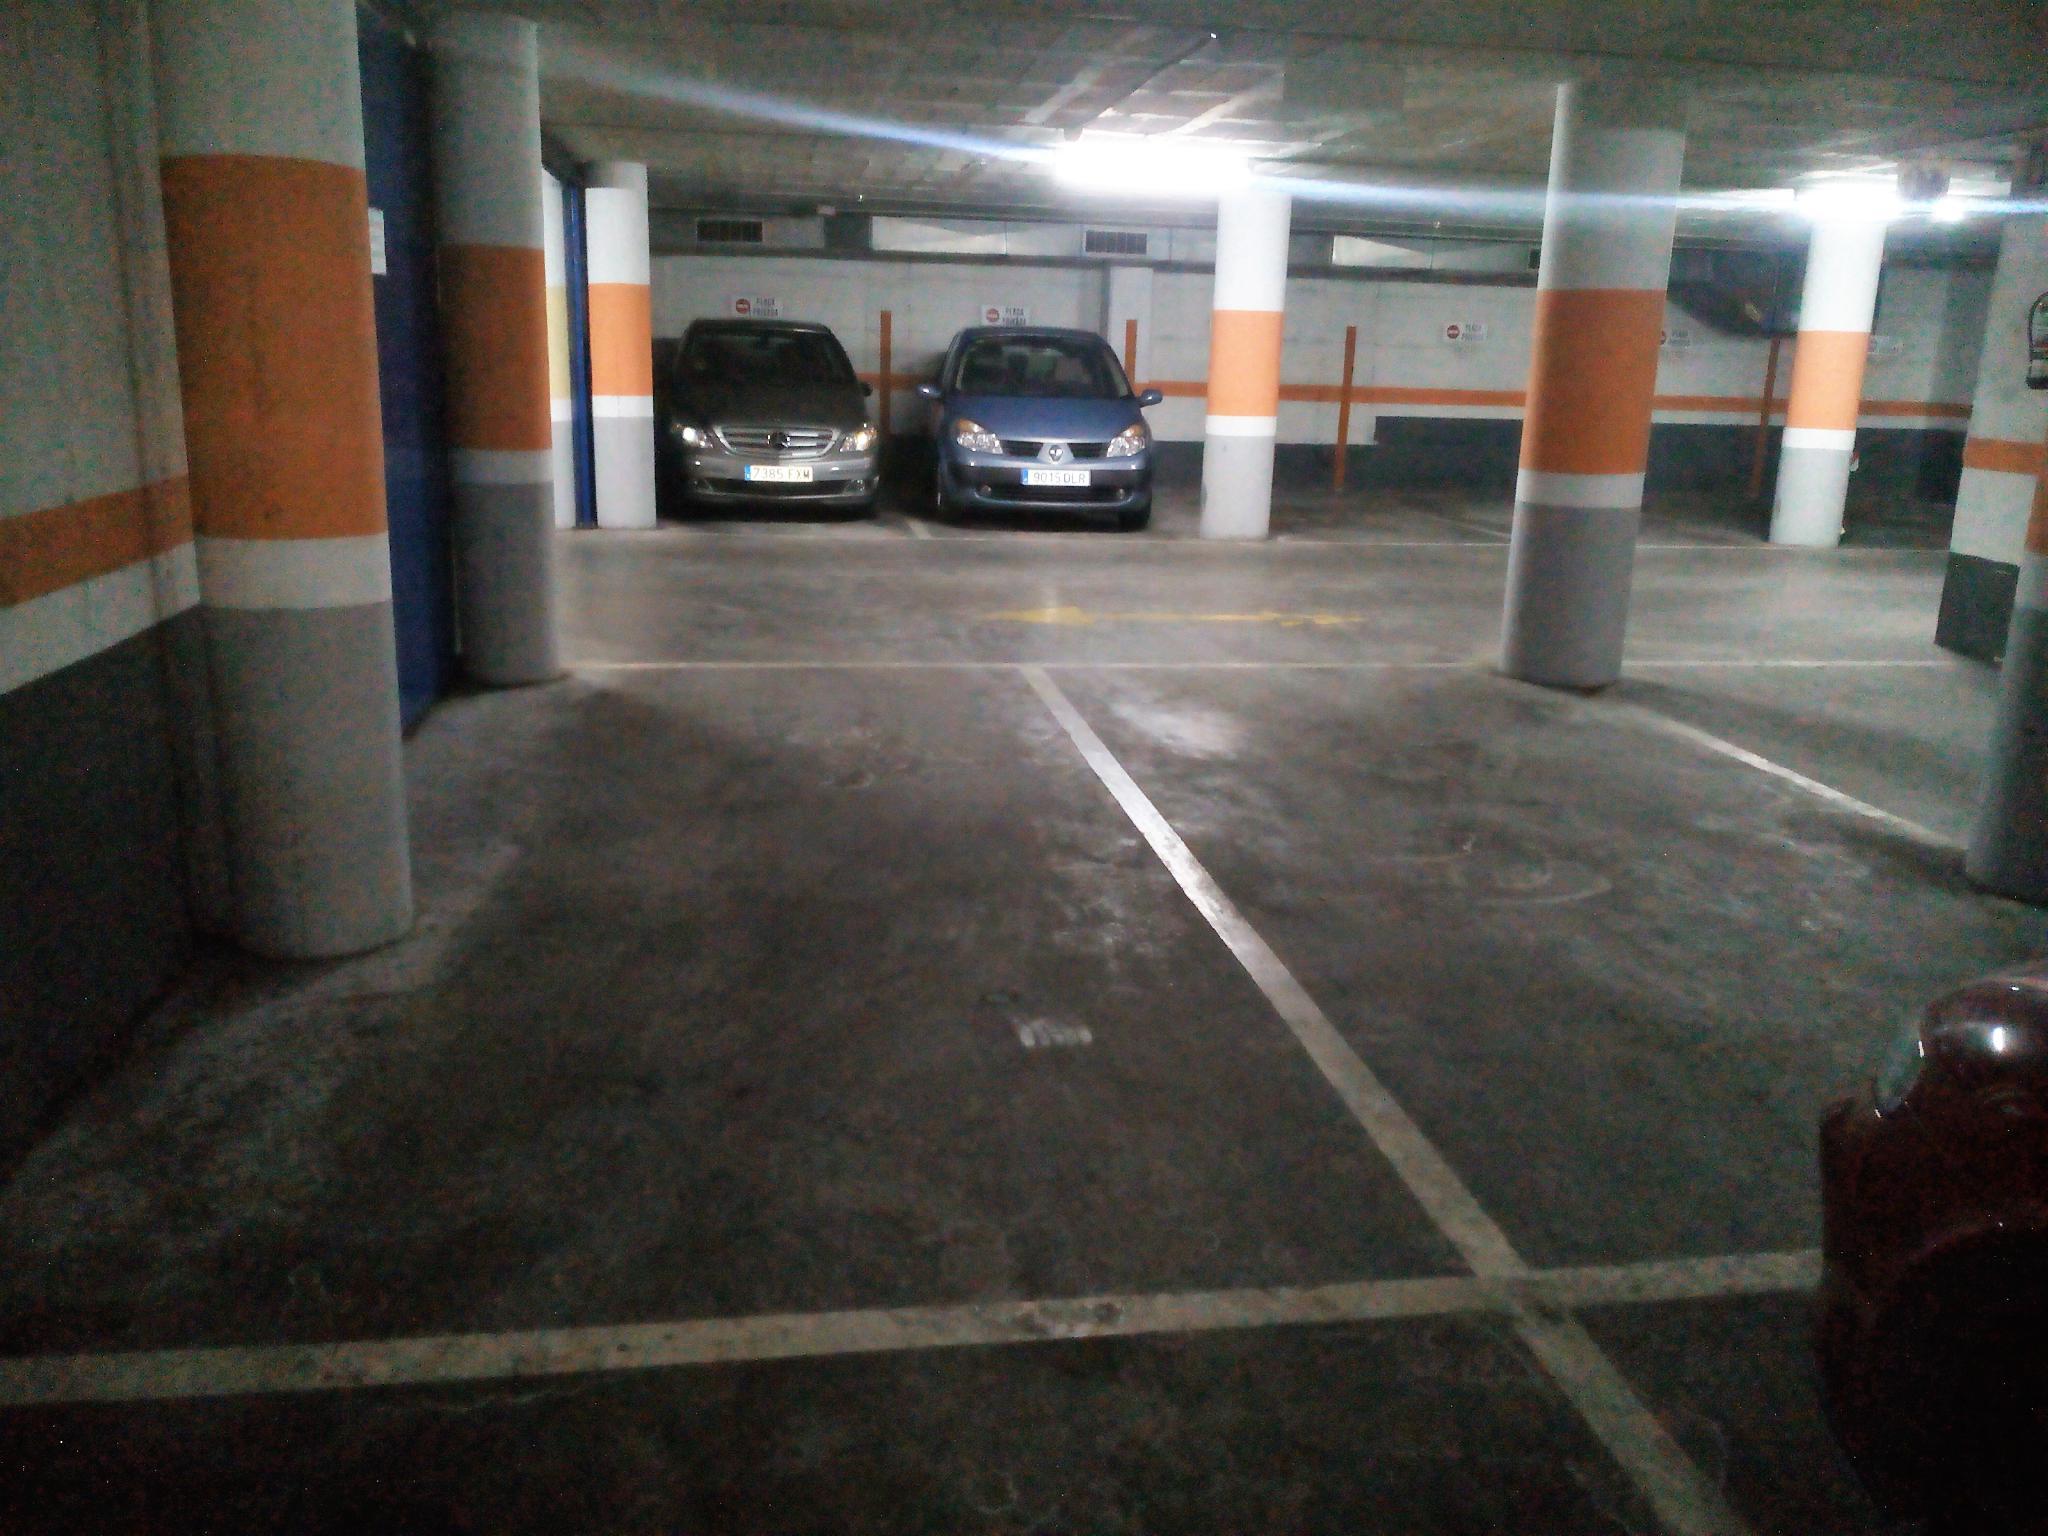 196460 - Parking-zona ponent-vigilado-inversión